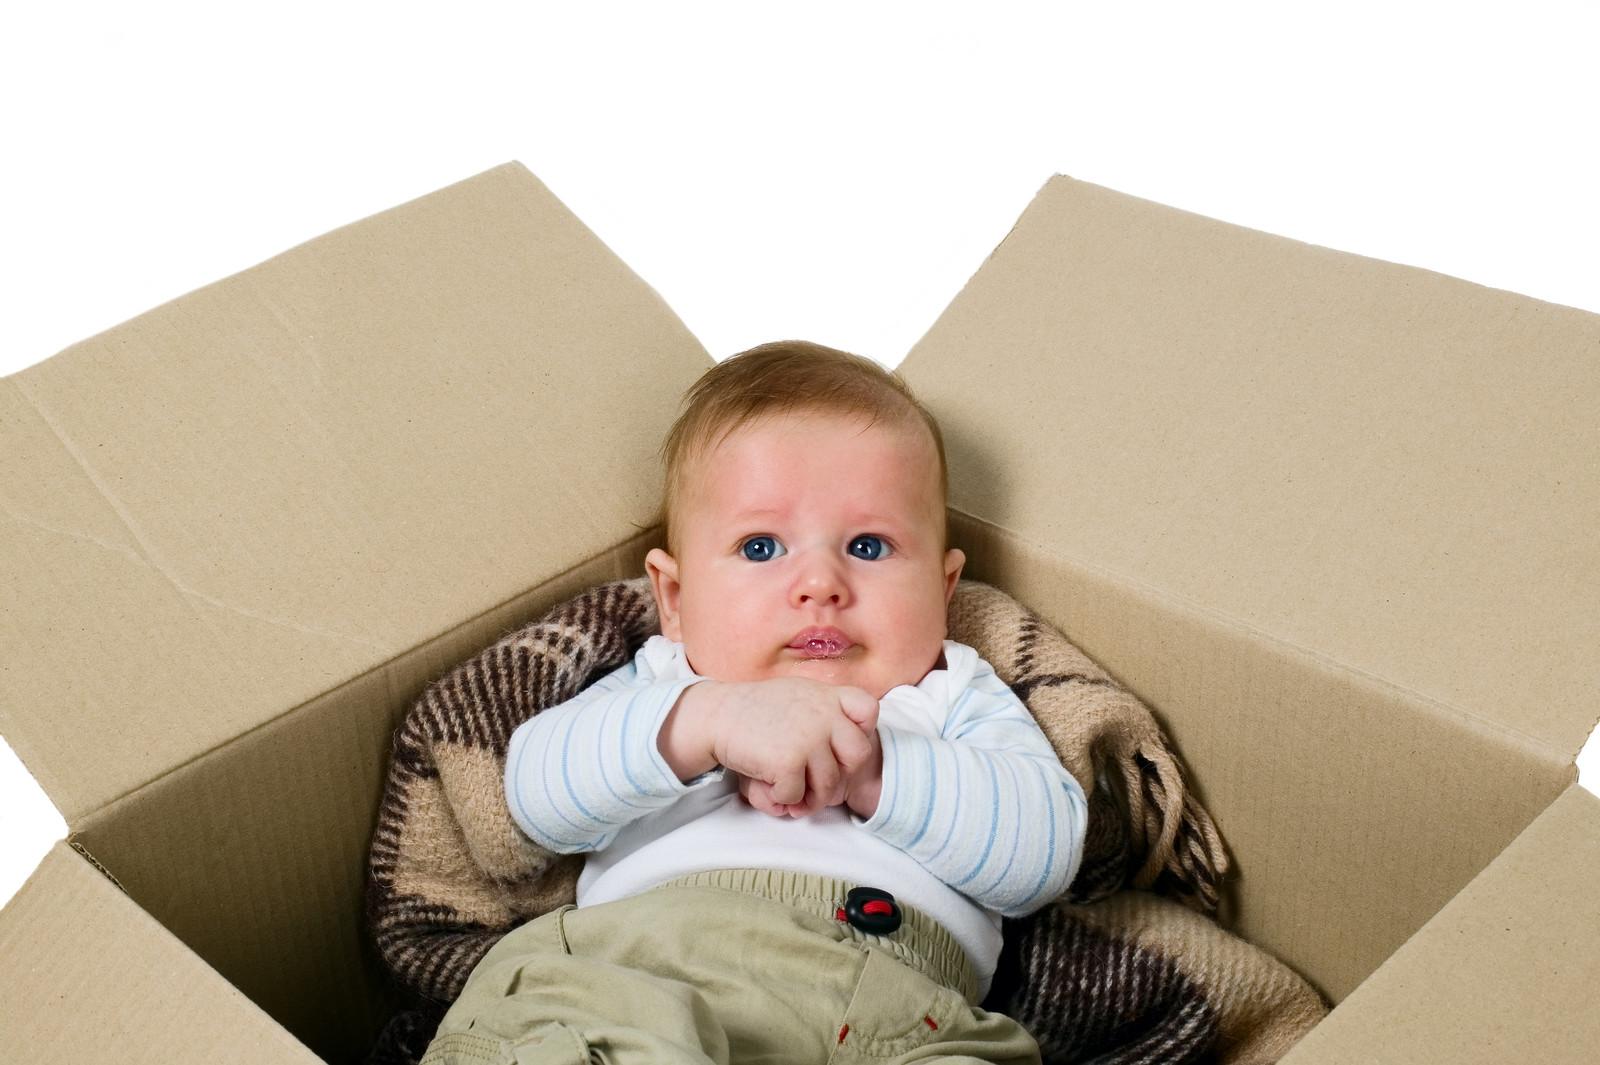 Umzug Mit Baby Zuerst Diese Tipps Lesen Dann Ran An Die Arbeit